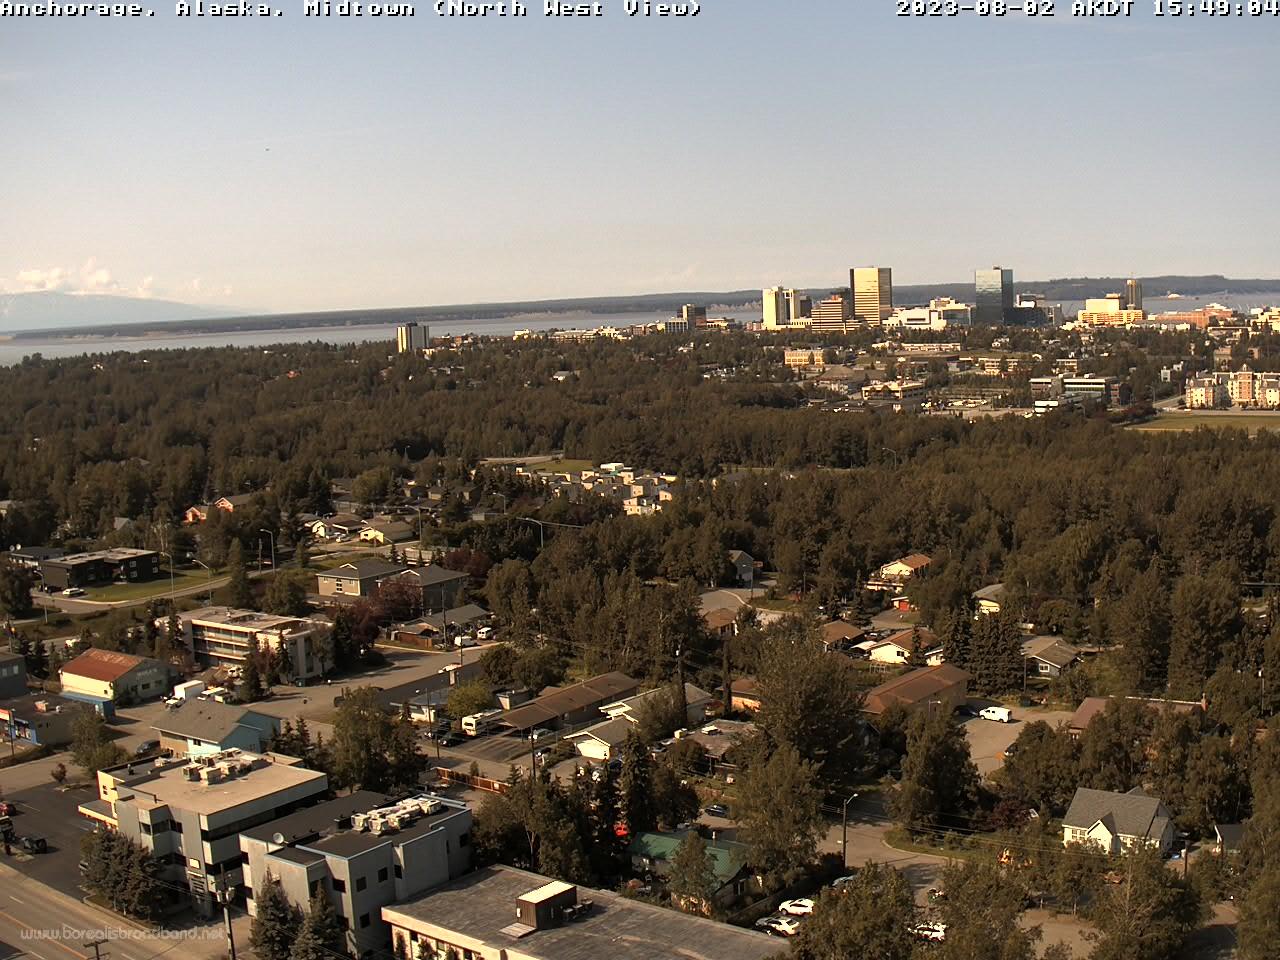 Anchorage, Alaska Thu. 15:49